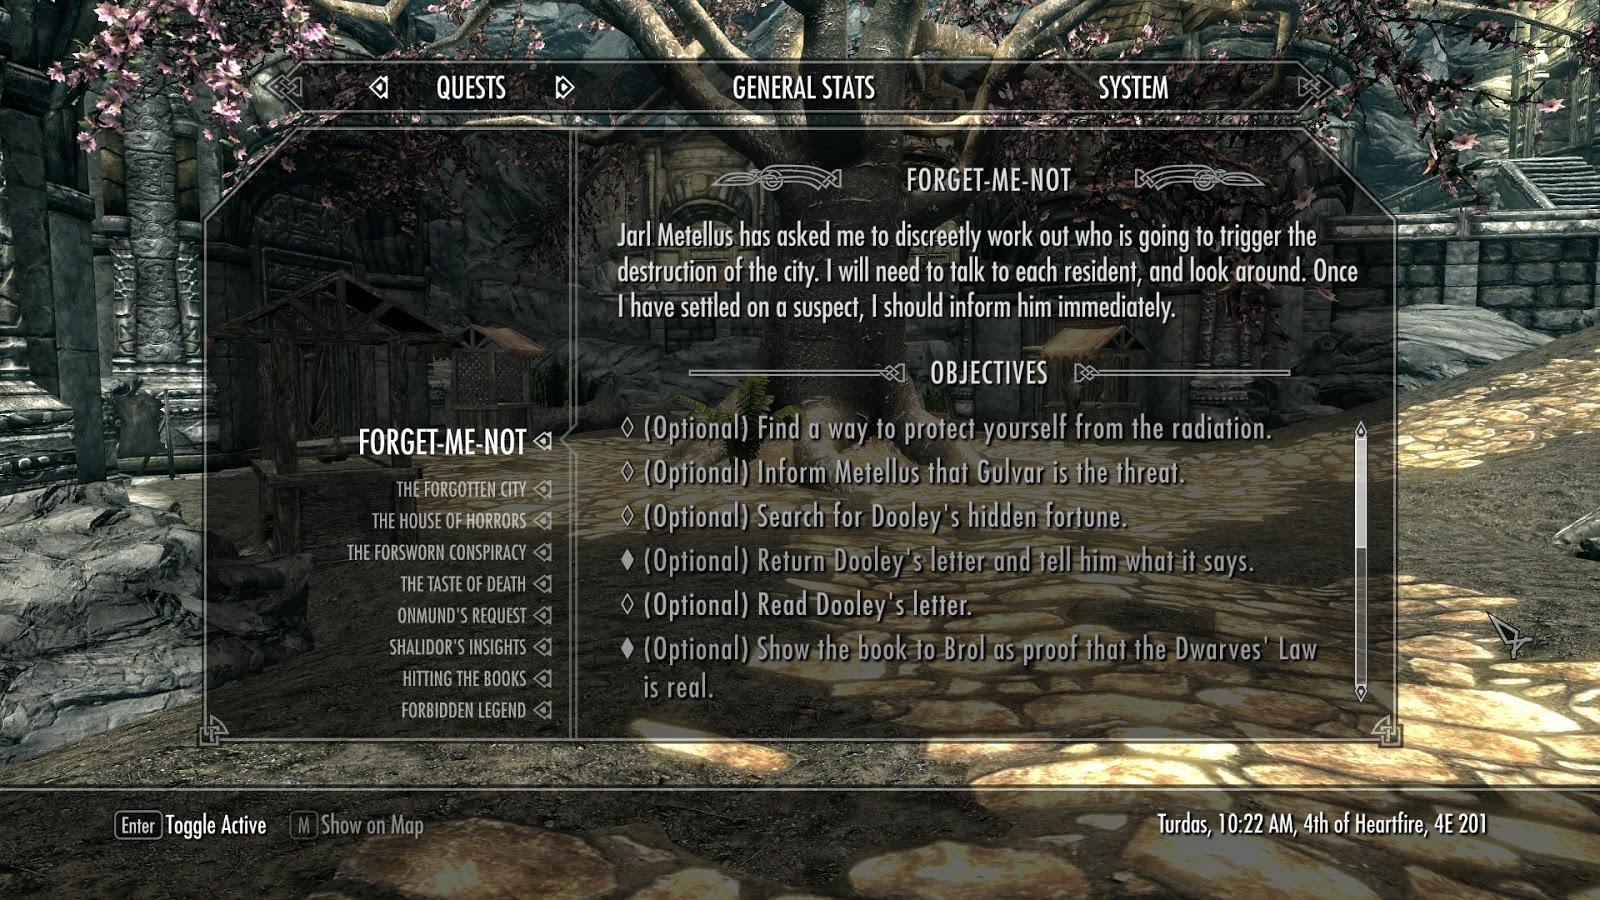 Radiator Blog: The Forgotten City (Skyrim mod) as dense quest